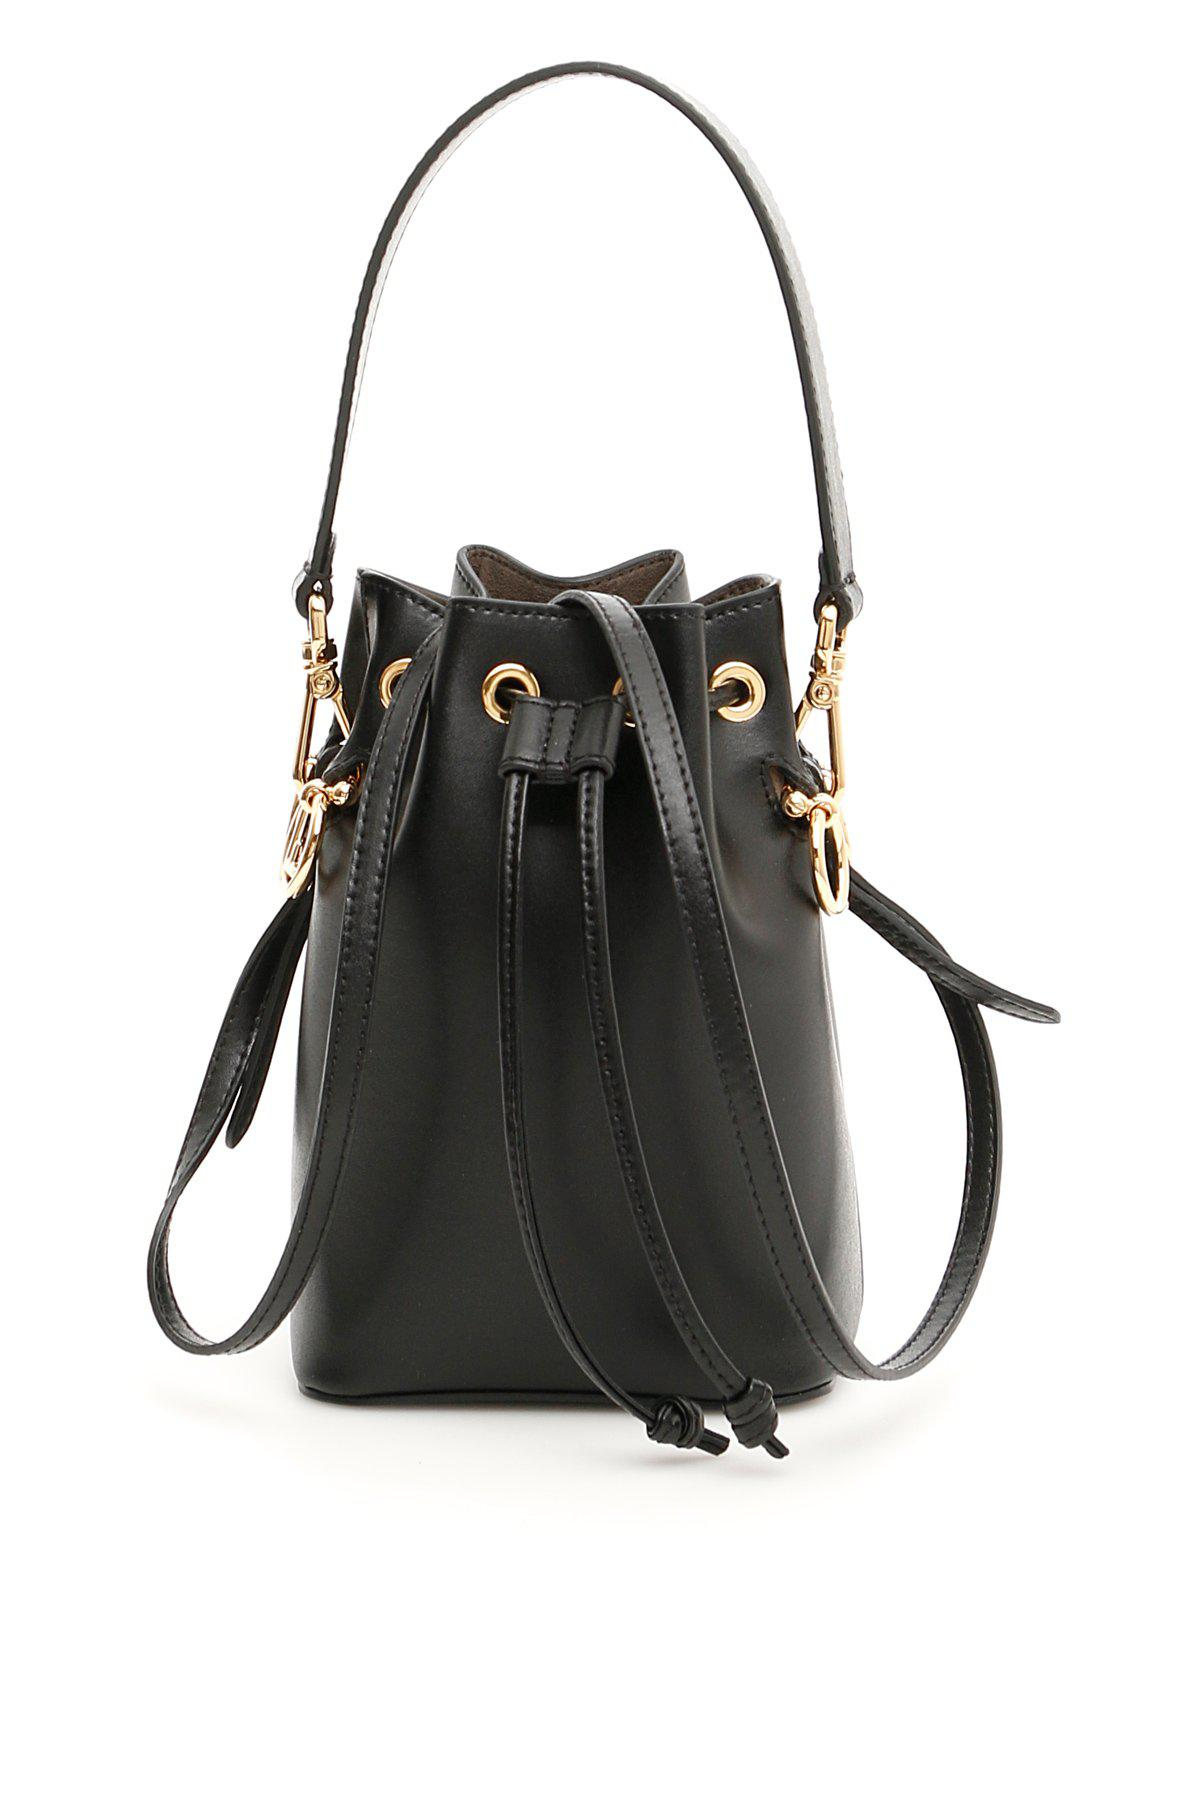 Fendi Small Bucket Bag in Black - Lyst c5c33ab2f141a